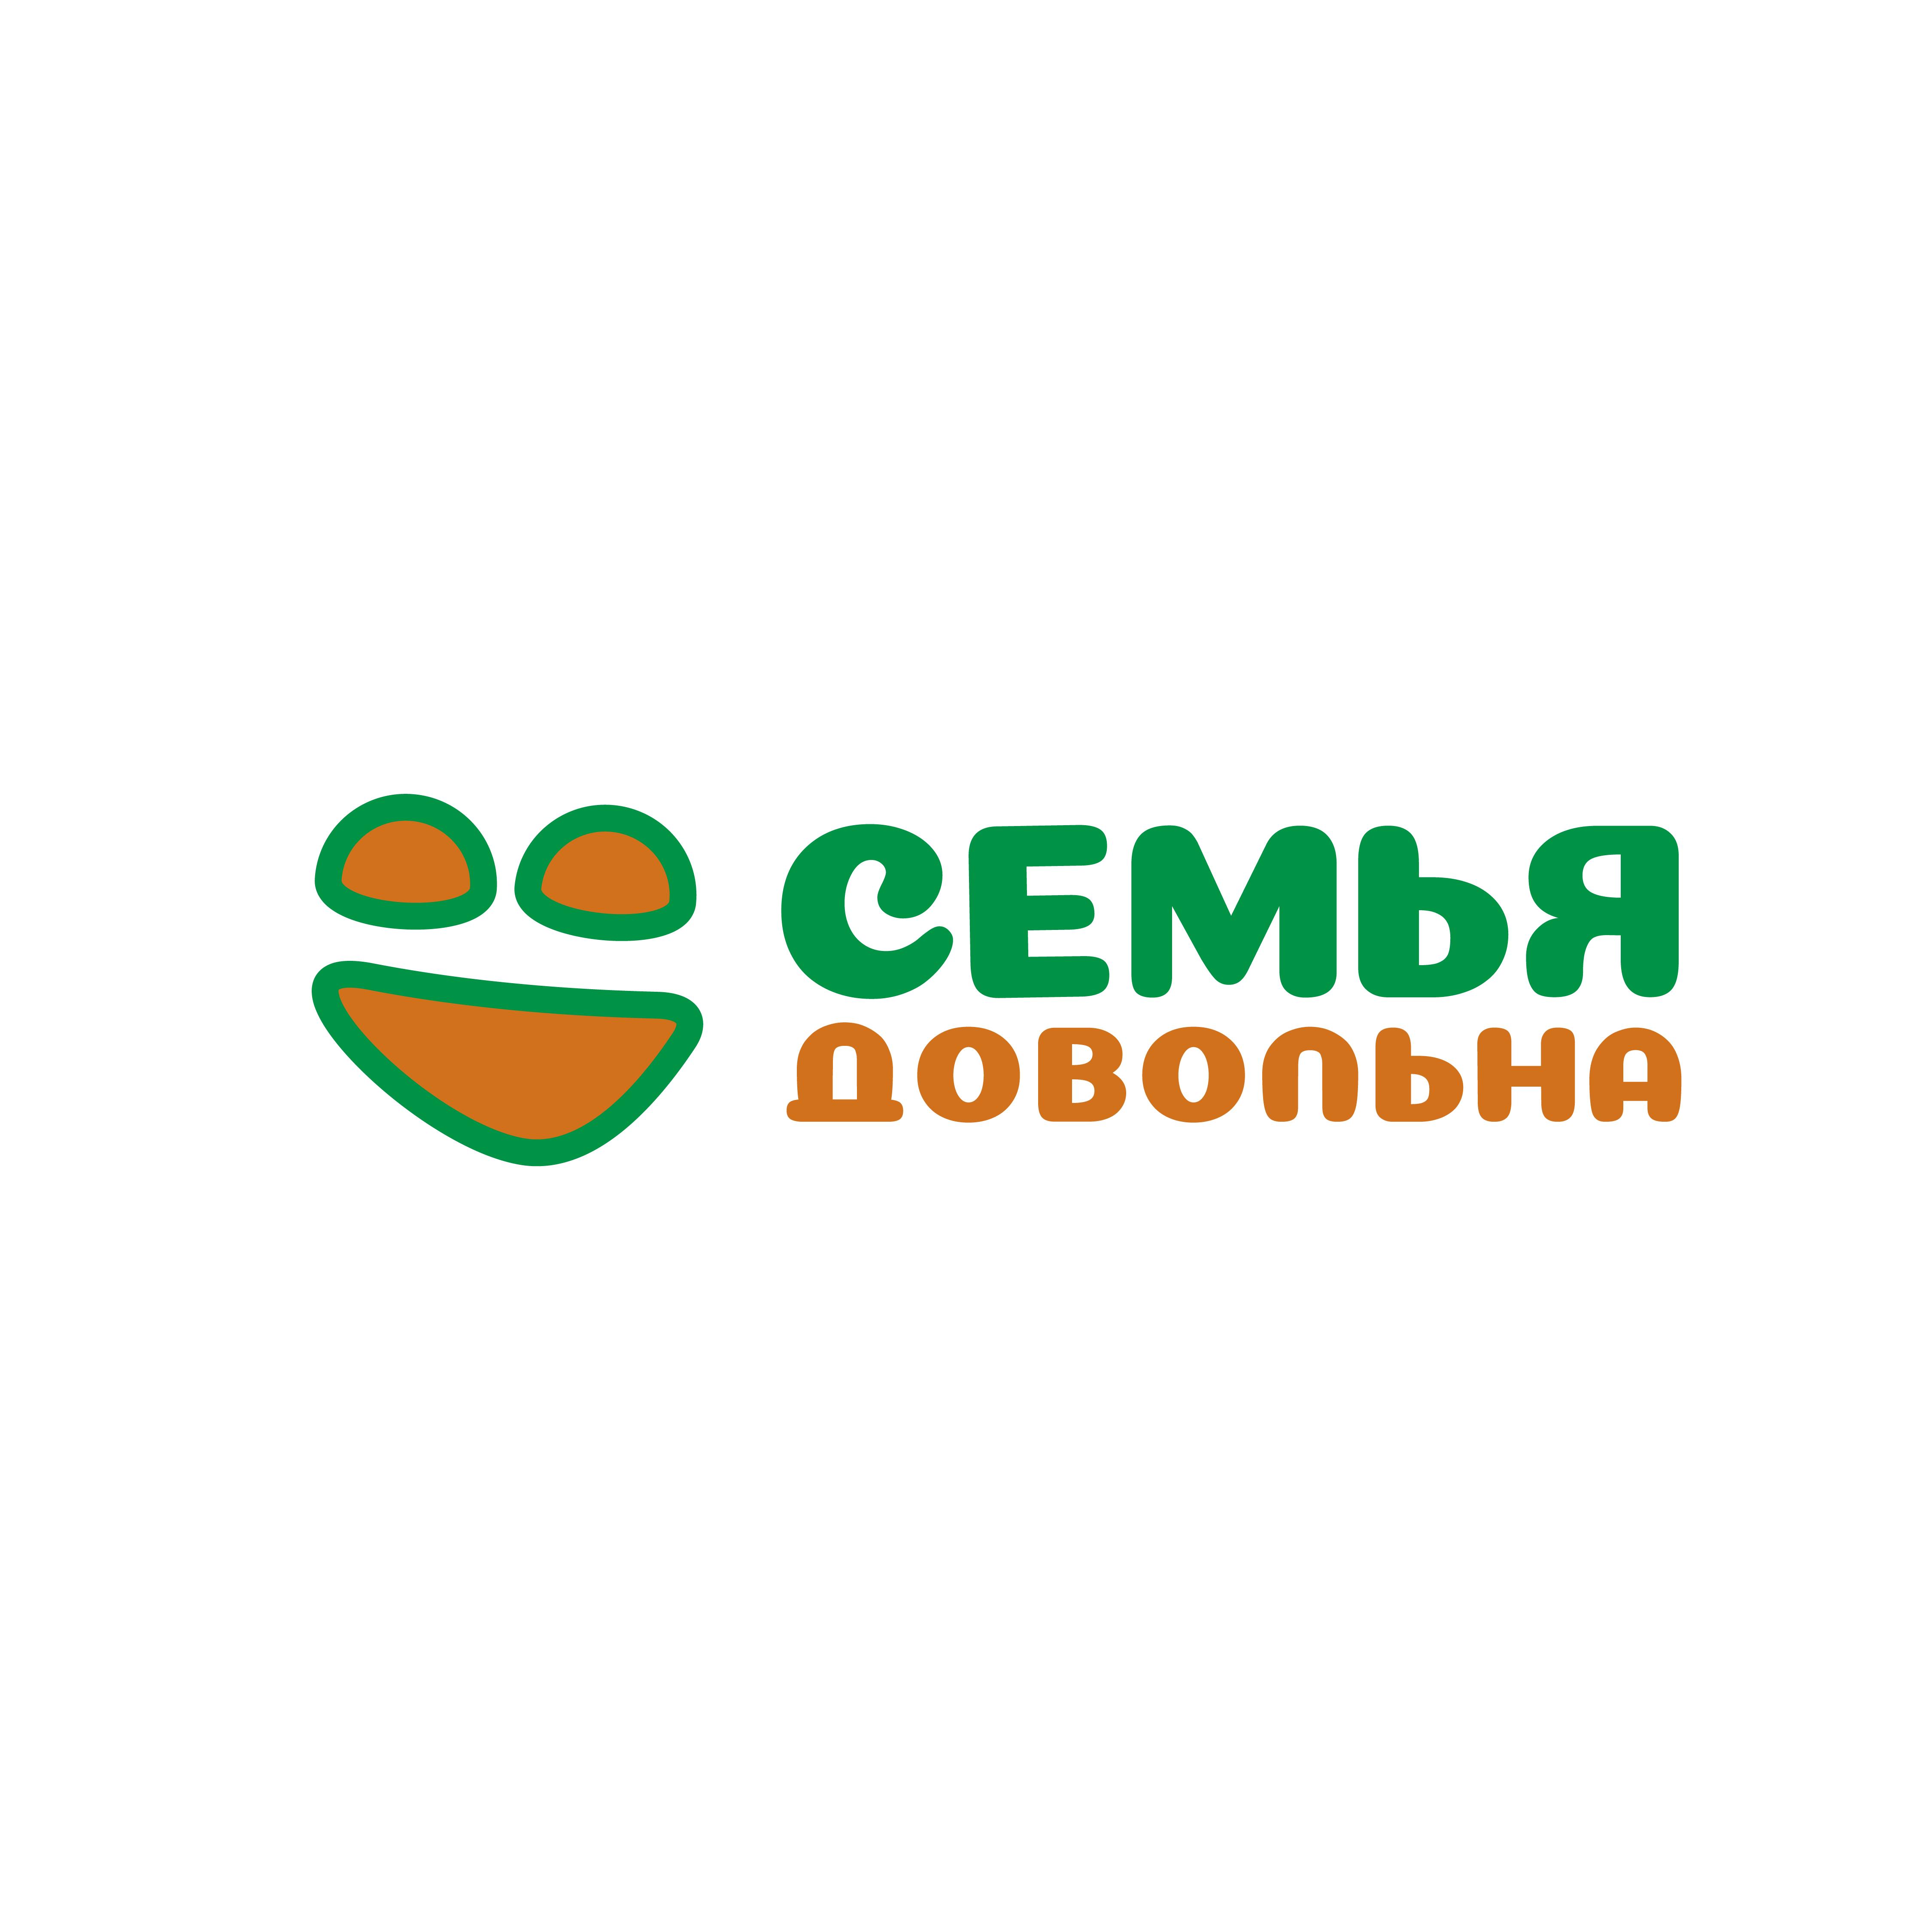 """Разработайте логотип для торговой марки """"Семья довольна"""" фото f_9015ba68cec7e20a.png"""